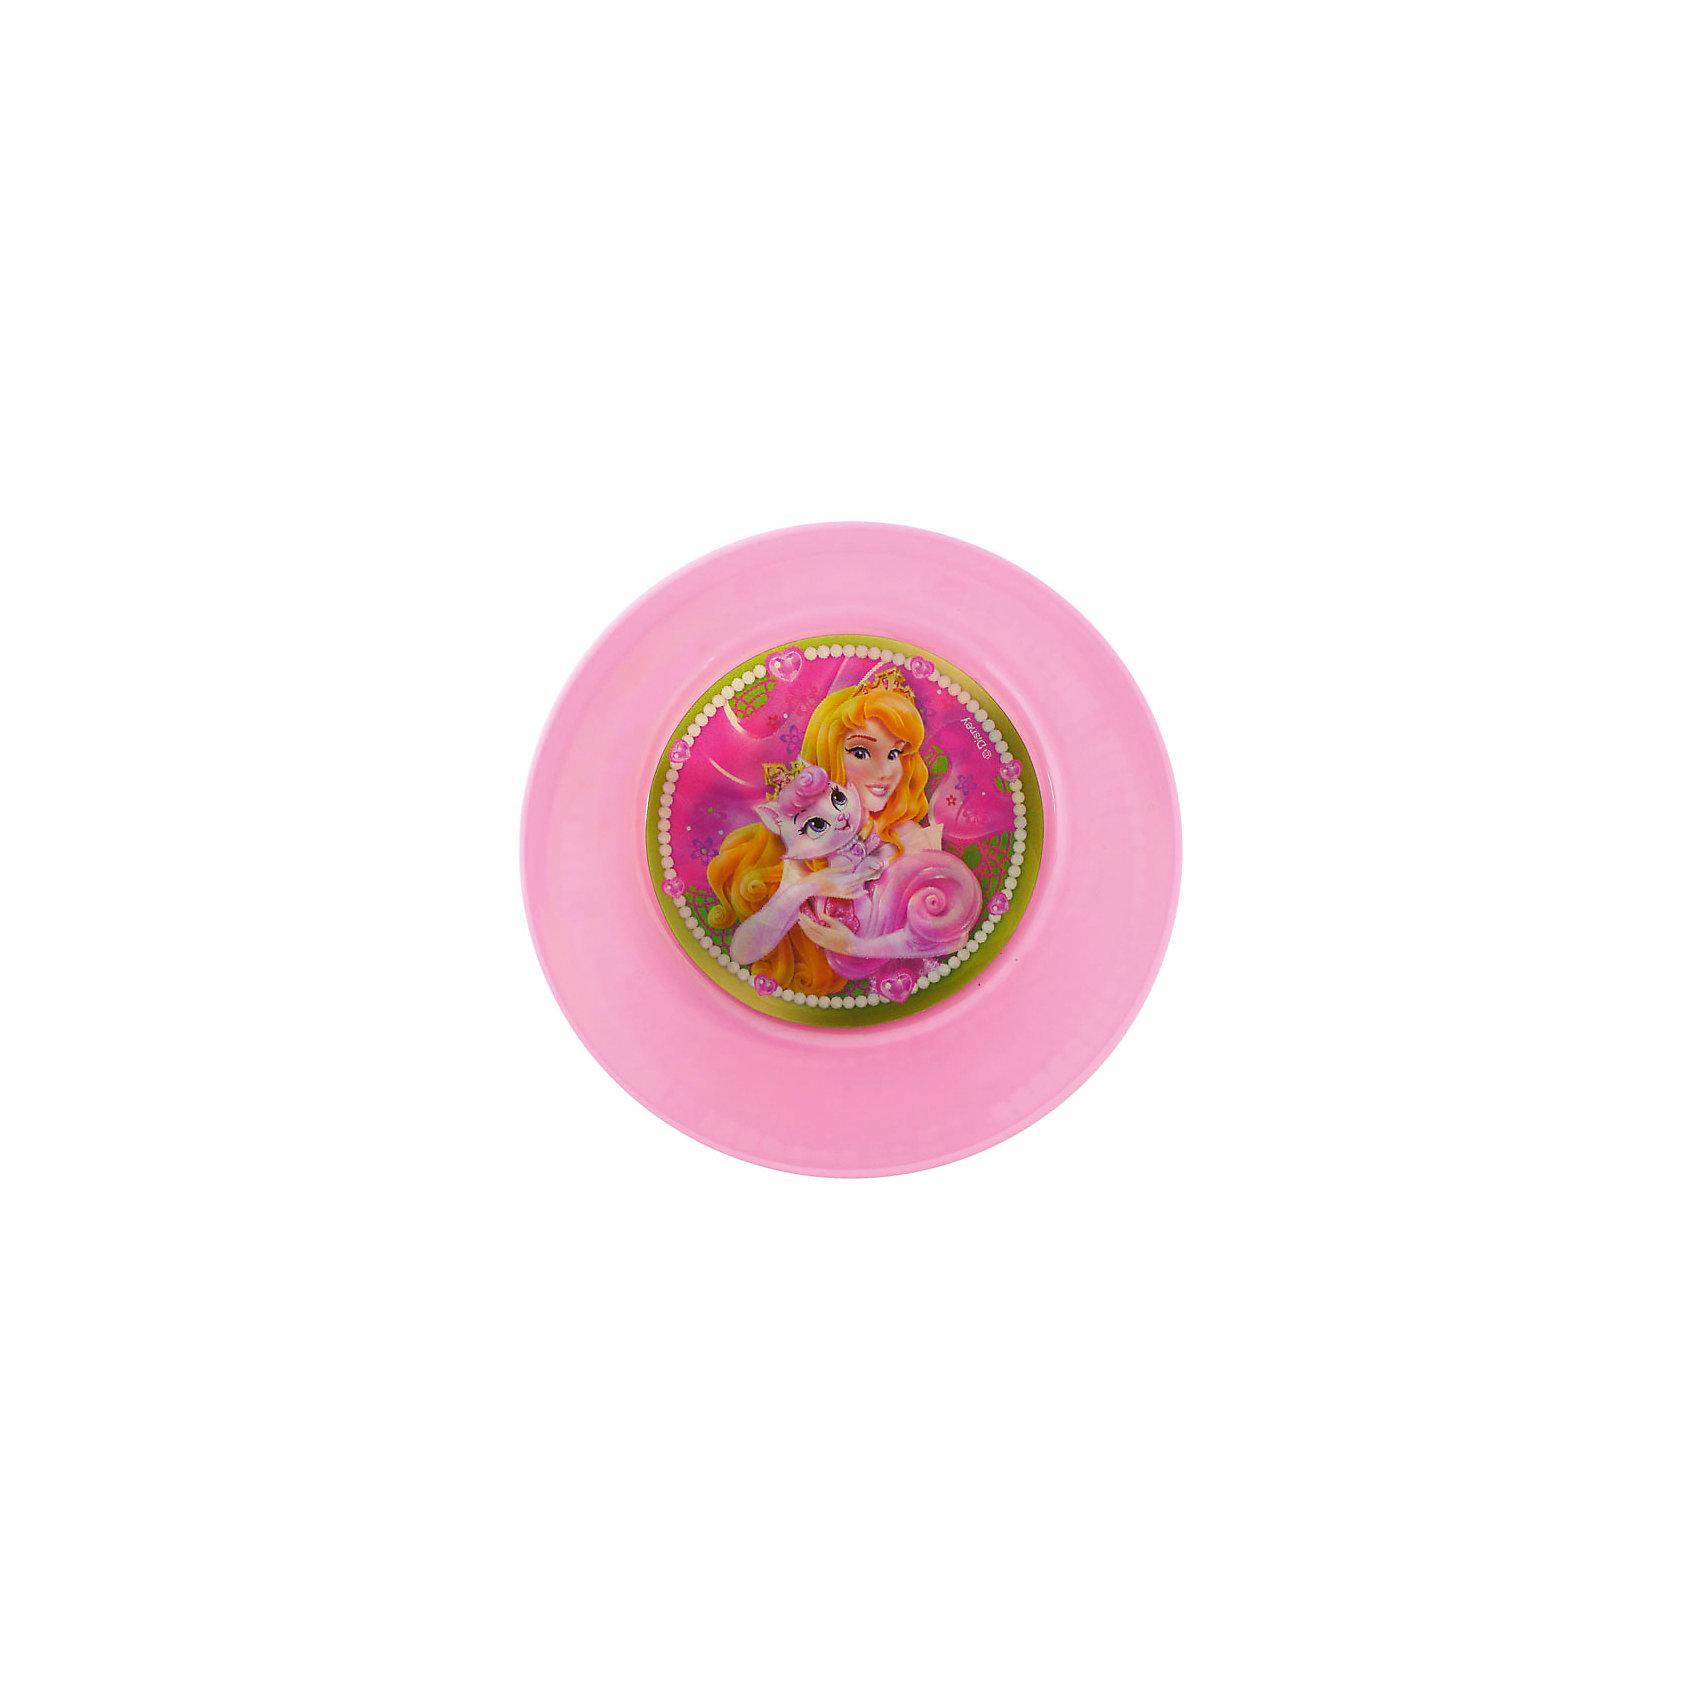 Миска Королевские питомцы (диаметр 15 см), Принцессы ДиснейТеперь можно сделать каждый день праздничным! Миска Королевские питомцы отлично подойдет как для праздника, так и для обычный дней. Увидев обед, поданный в такой шикарной мисочке, девочка почувствует себя настоящей принцессой из сказки. Такая красивая вещь непременно обрадует кроху. Из нежной и красивой мисочки с изображением любимой принцессы девочке захочется доесть все до последней крошки. Дно мисочки украшено круглой вставкой, которая меняет изображение под разным углом зрения. Пластиковая мисочка не разобьется, а рисунок не сотрется со временем. Удобная форма отлично подходит для частого использования.  <br><br>Дополнительная информация:<br><br>- Вариоизображение;<br>- Особенно понравится поклонницам мультфильмов о Принцессах Дисней (Disney Princess);<br>- Подходит для горячего и холодного;<br>- Материал: пластик;<br>- Диаметр: 15 см;<br>- Размер: 15 х 15 х 5 см;<br>- Вес: 40 г<br><br>Миску Королевские питомцы (диаметр 15 см), Принцессы Дисней (Disney Princess), можно купить в нашем интернет-магазине.<br><br>Ширина мм: 150<br>Глубина мм: 150<br>Высота мм: 50<br>Вес г: 40<br>Возраст от месяцев: 36<br>Возраст до месяцев: 144<br>Пол: Женский<br>Возраст: Детский<br>SKU: 4166821